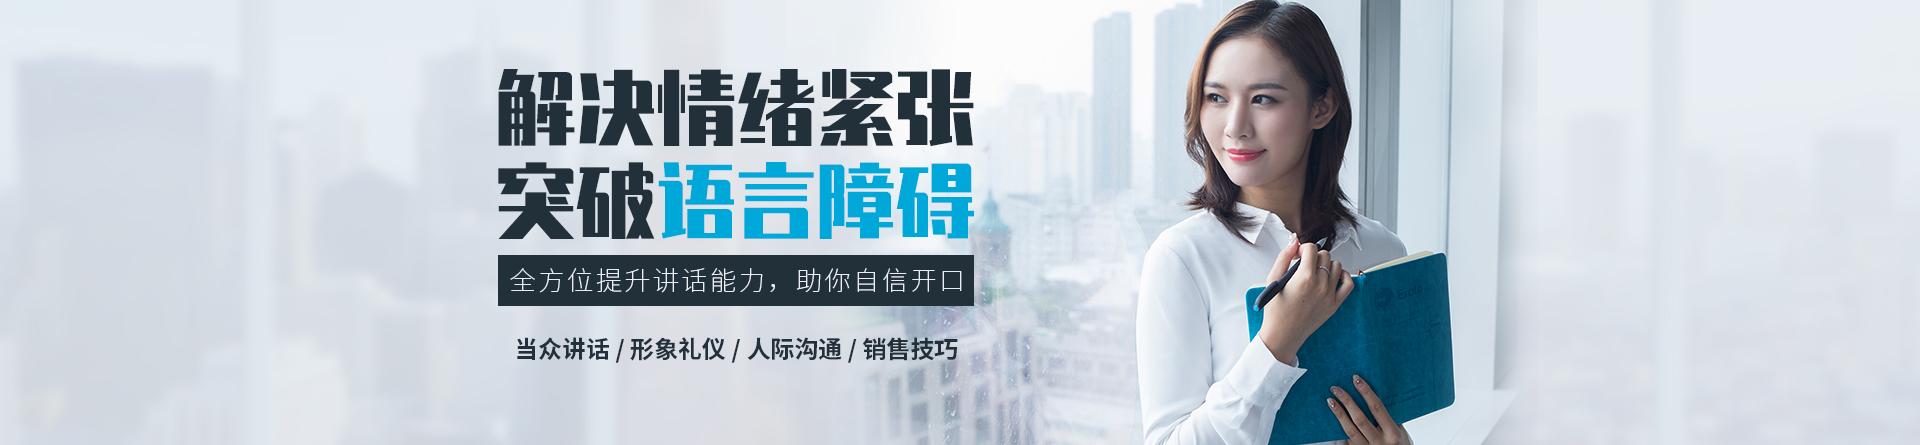 杭州新励成口才培训